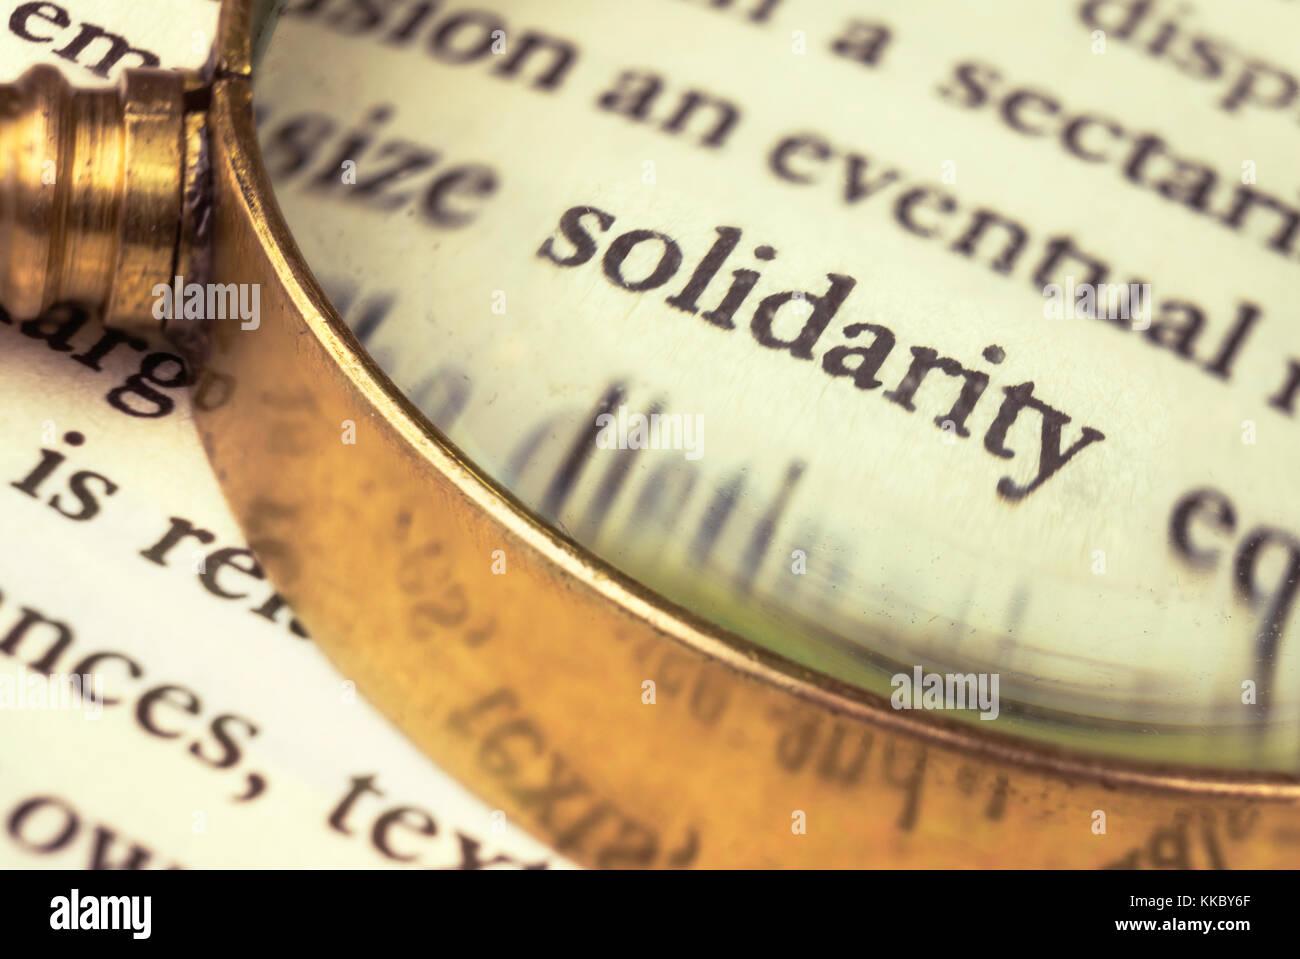 """La palabra """"solidaridad"""" destacó por una lupa y envuelto con texto borroso. Imagen De Stock"""